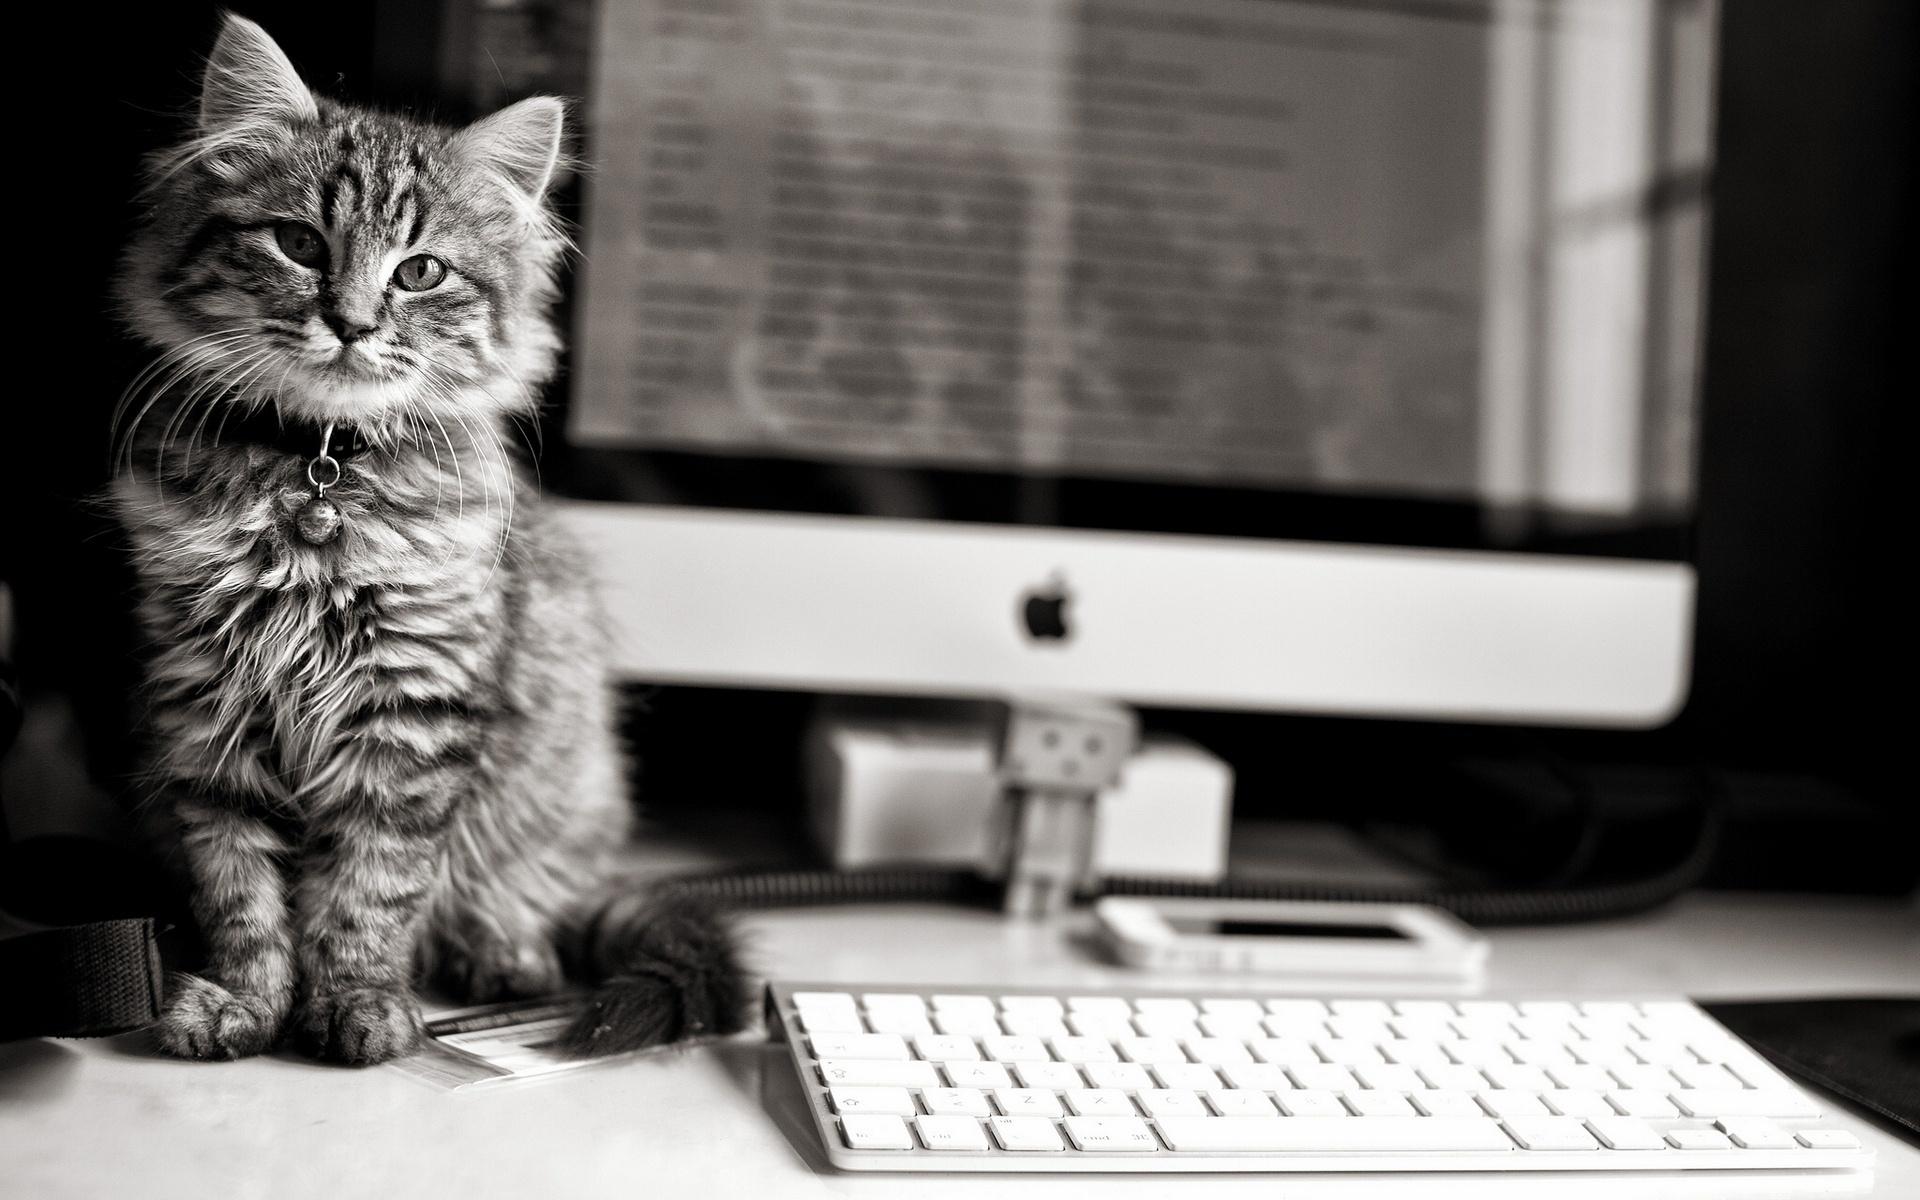 Cute cat grayscale